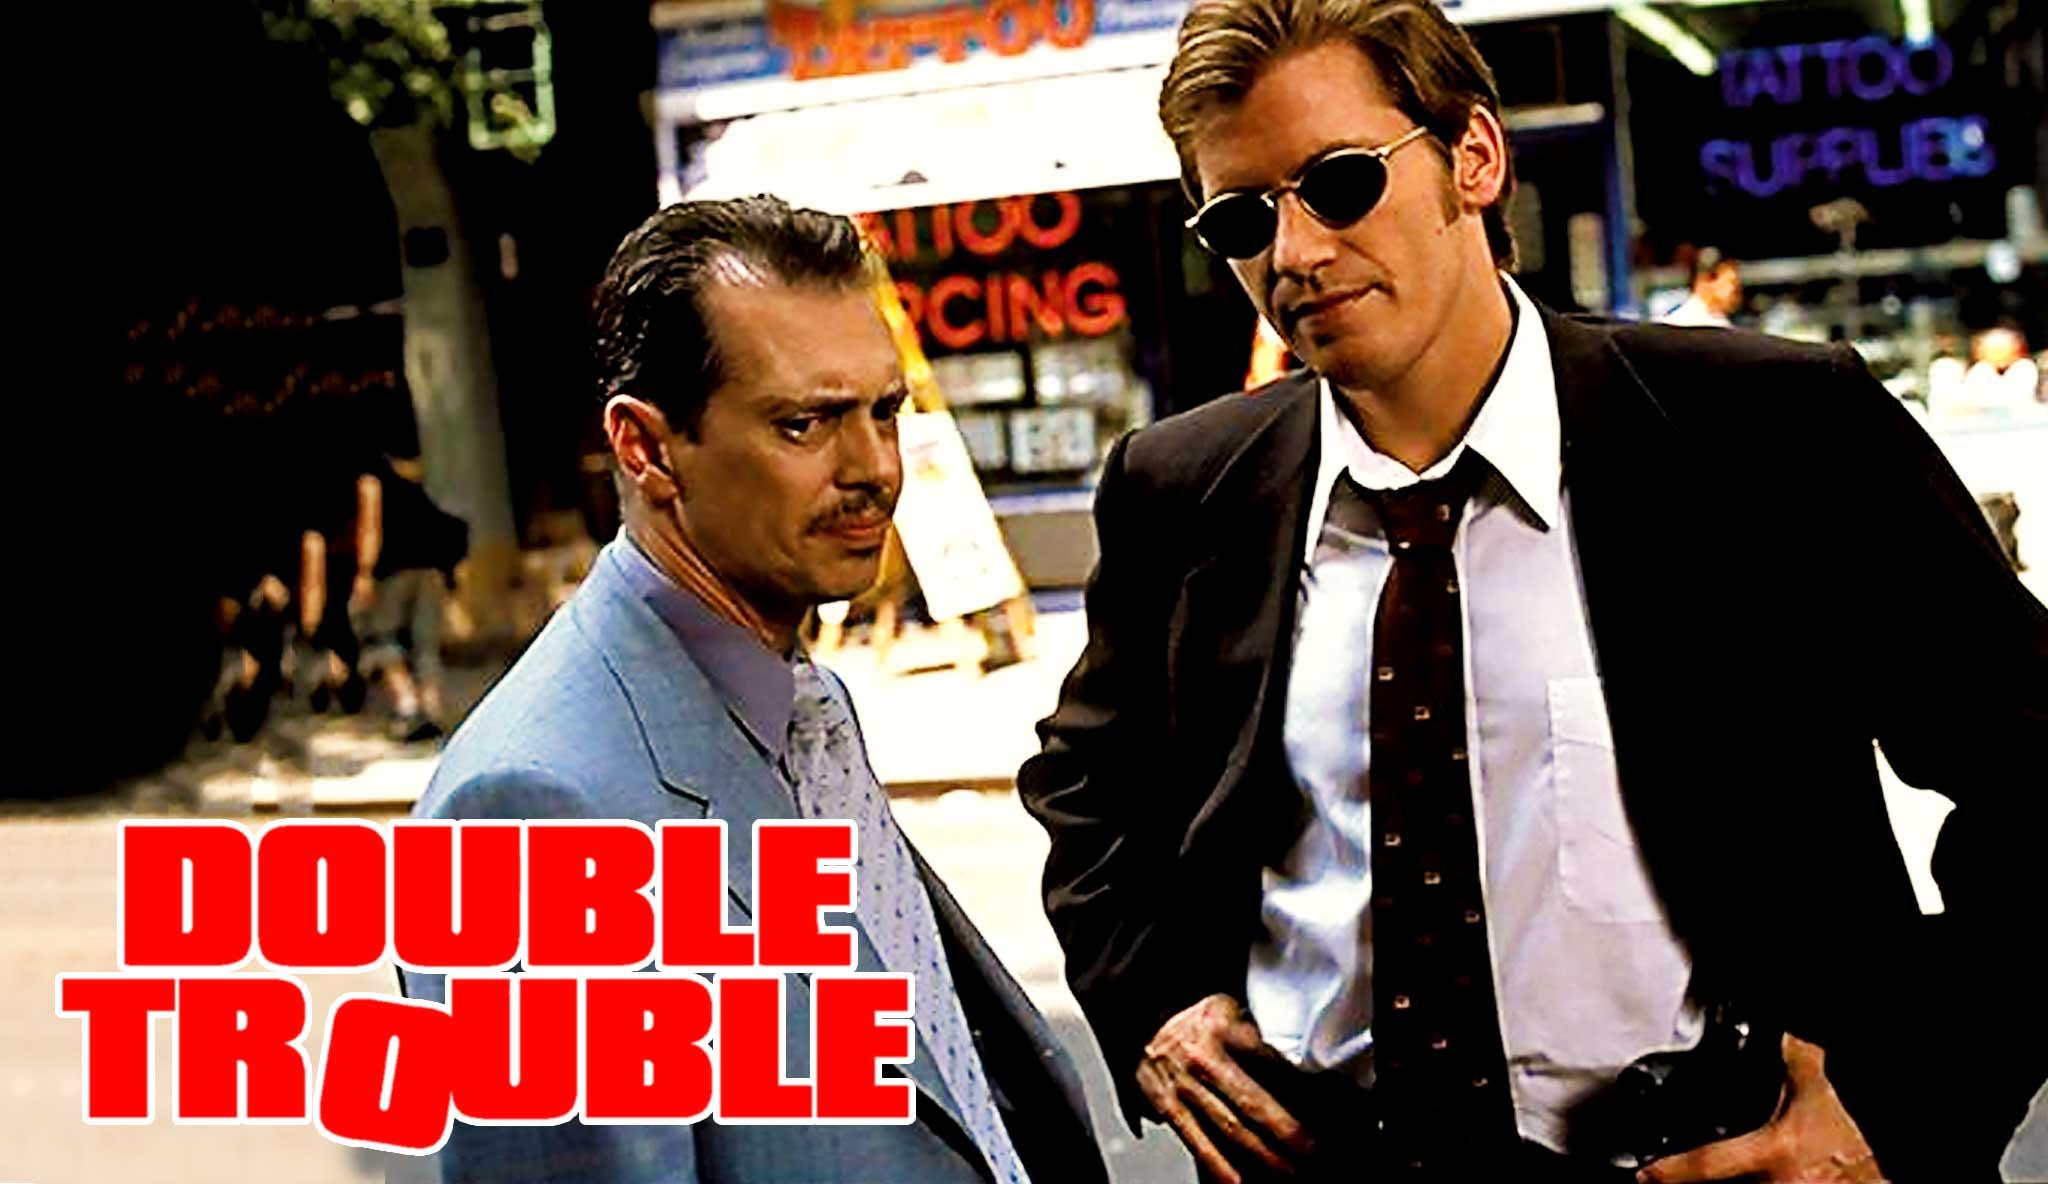 double-trouble-ein-cop-auf-abwegen\header.jpg